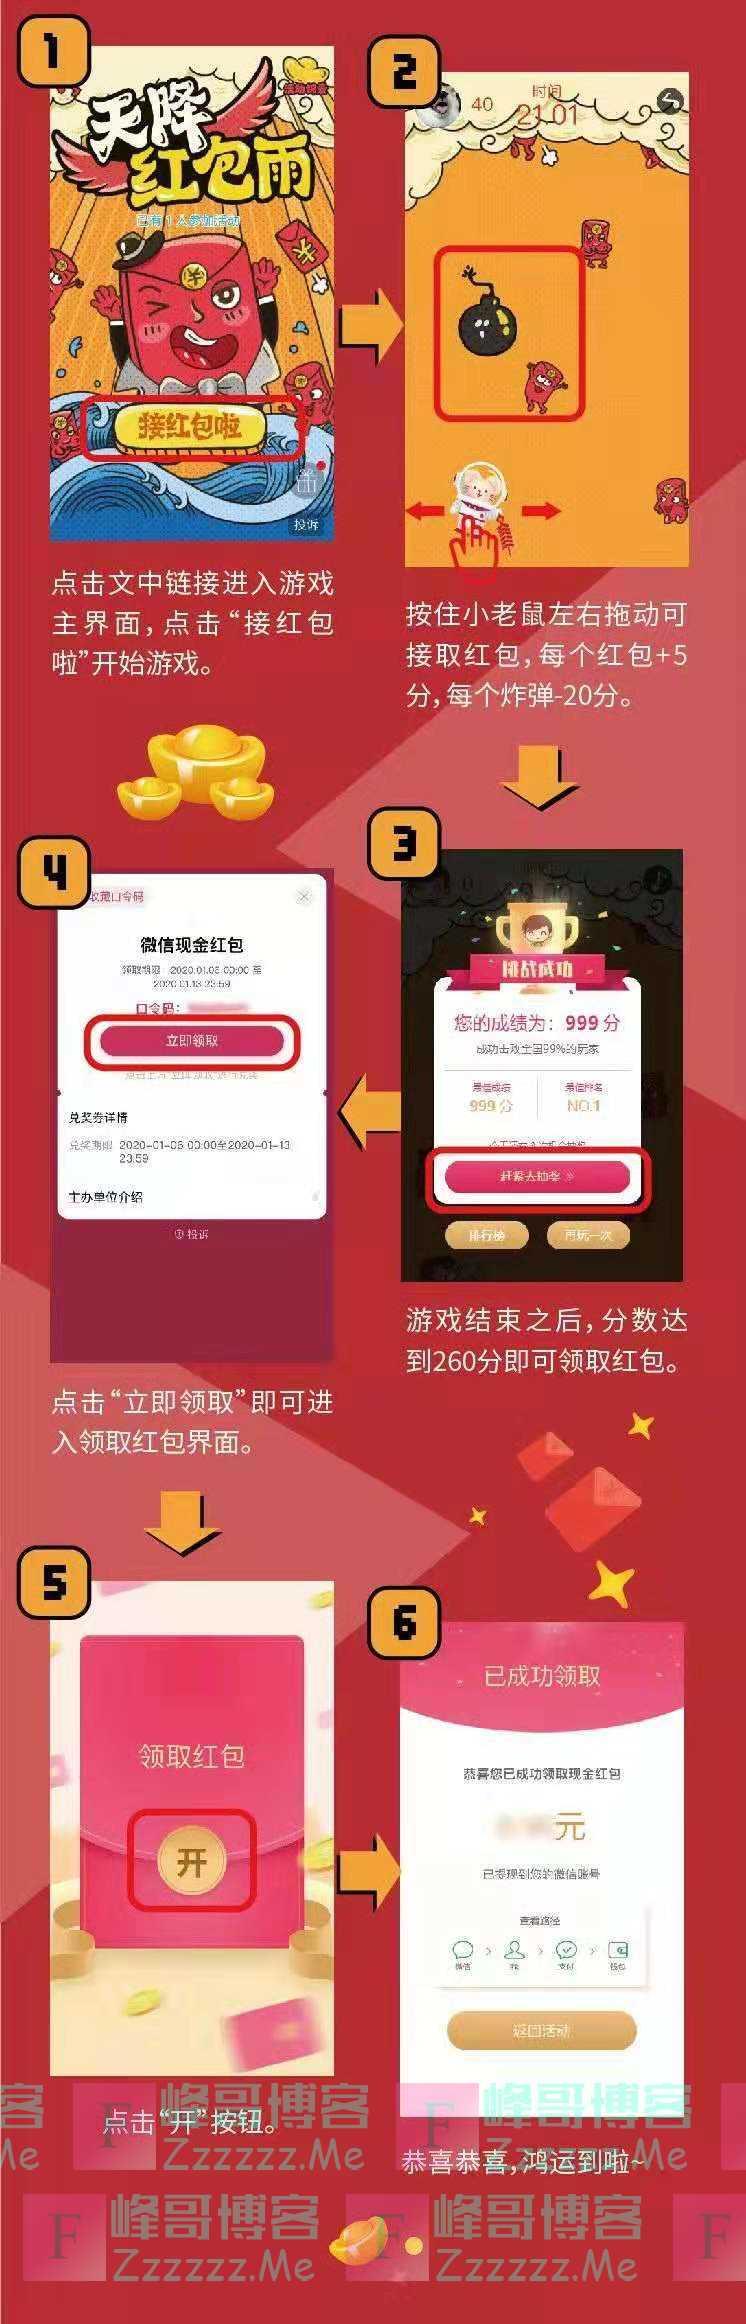 昆城广场千元现金红包免费领(截止1月16日)